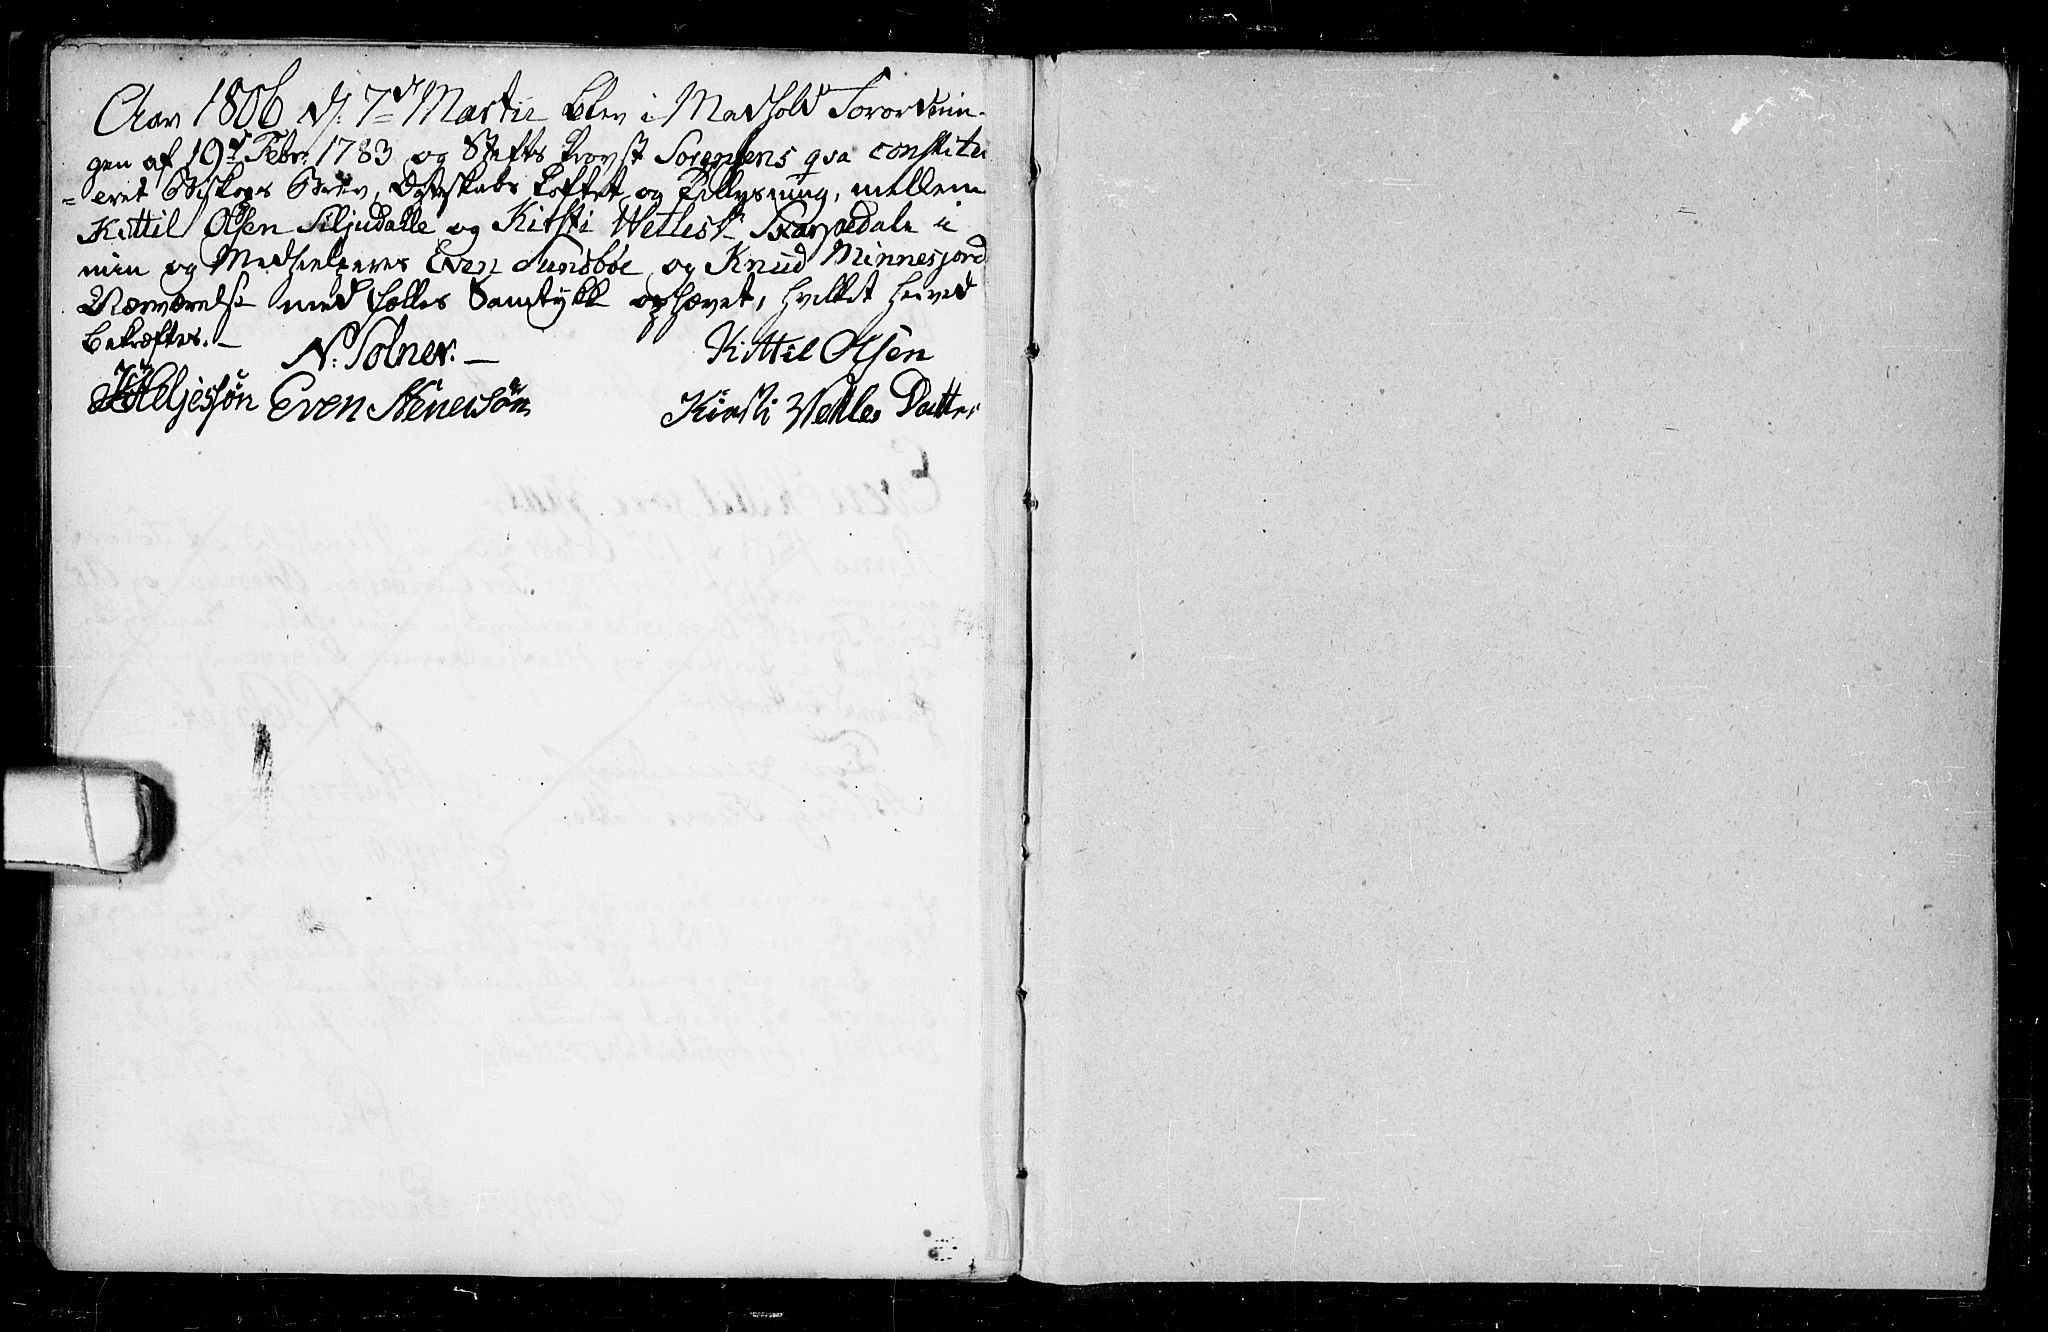 SAKO, Seljord kirkebøker, F/Fa/L0008: Ministerialbok nr. I 8, 1755-1814, s. 165